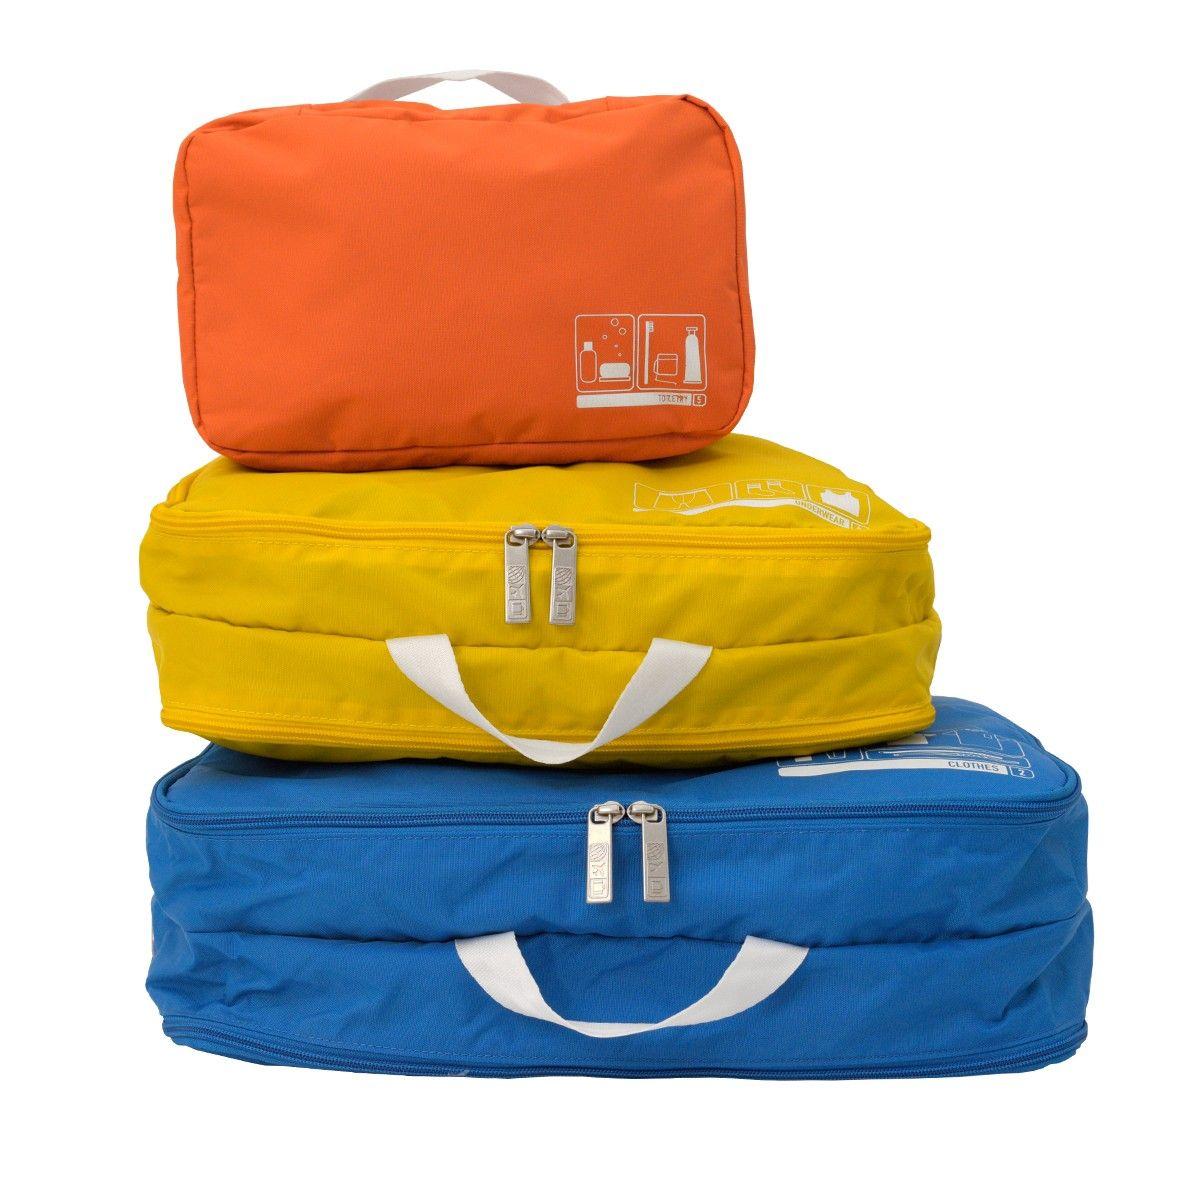 F1 Spacepak Essentials Kit Flight 001 Bagpack, Modern